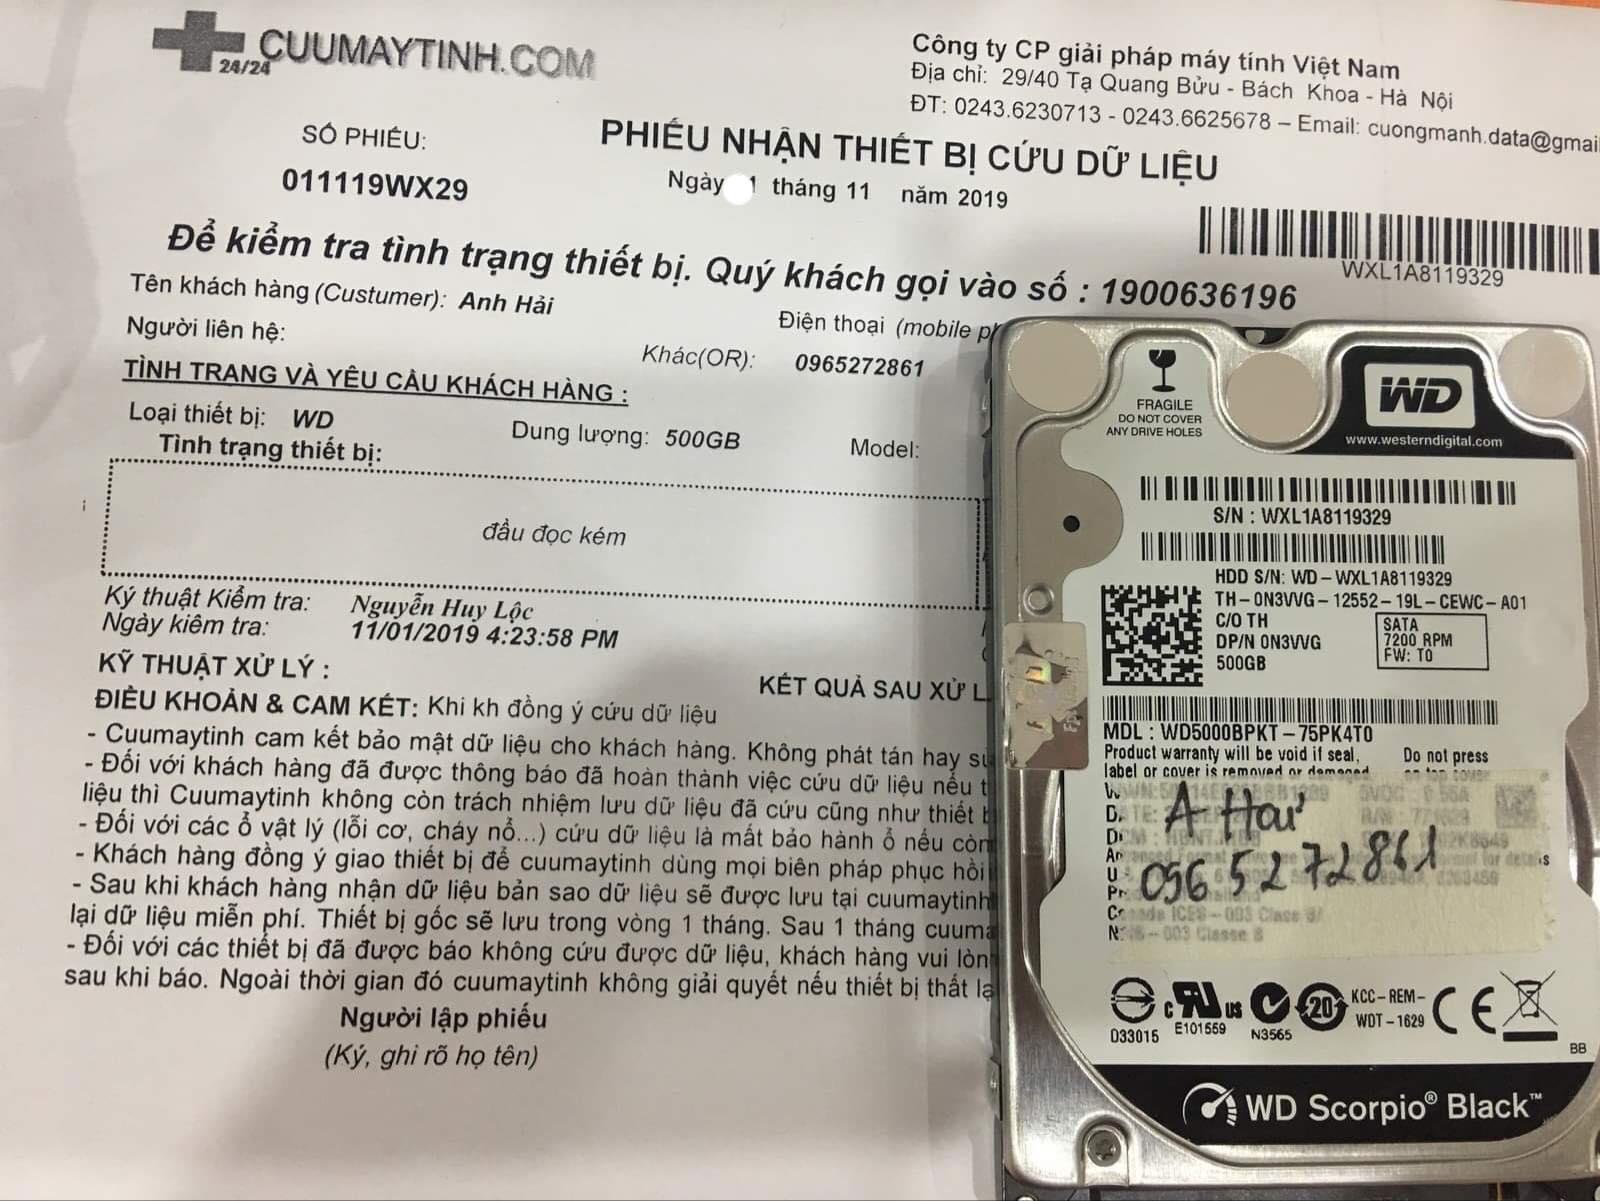 Khôi phục dữ liệu ổ cứng Western 500GB đầu đọc kém 09/11/2019 - cuumaytinh